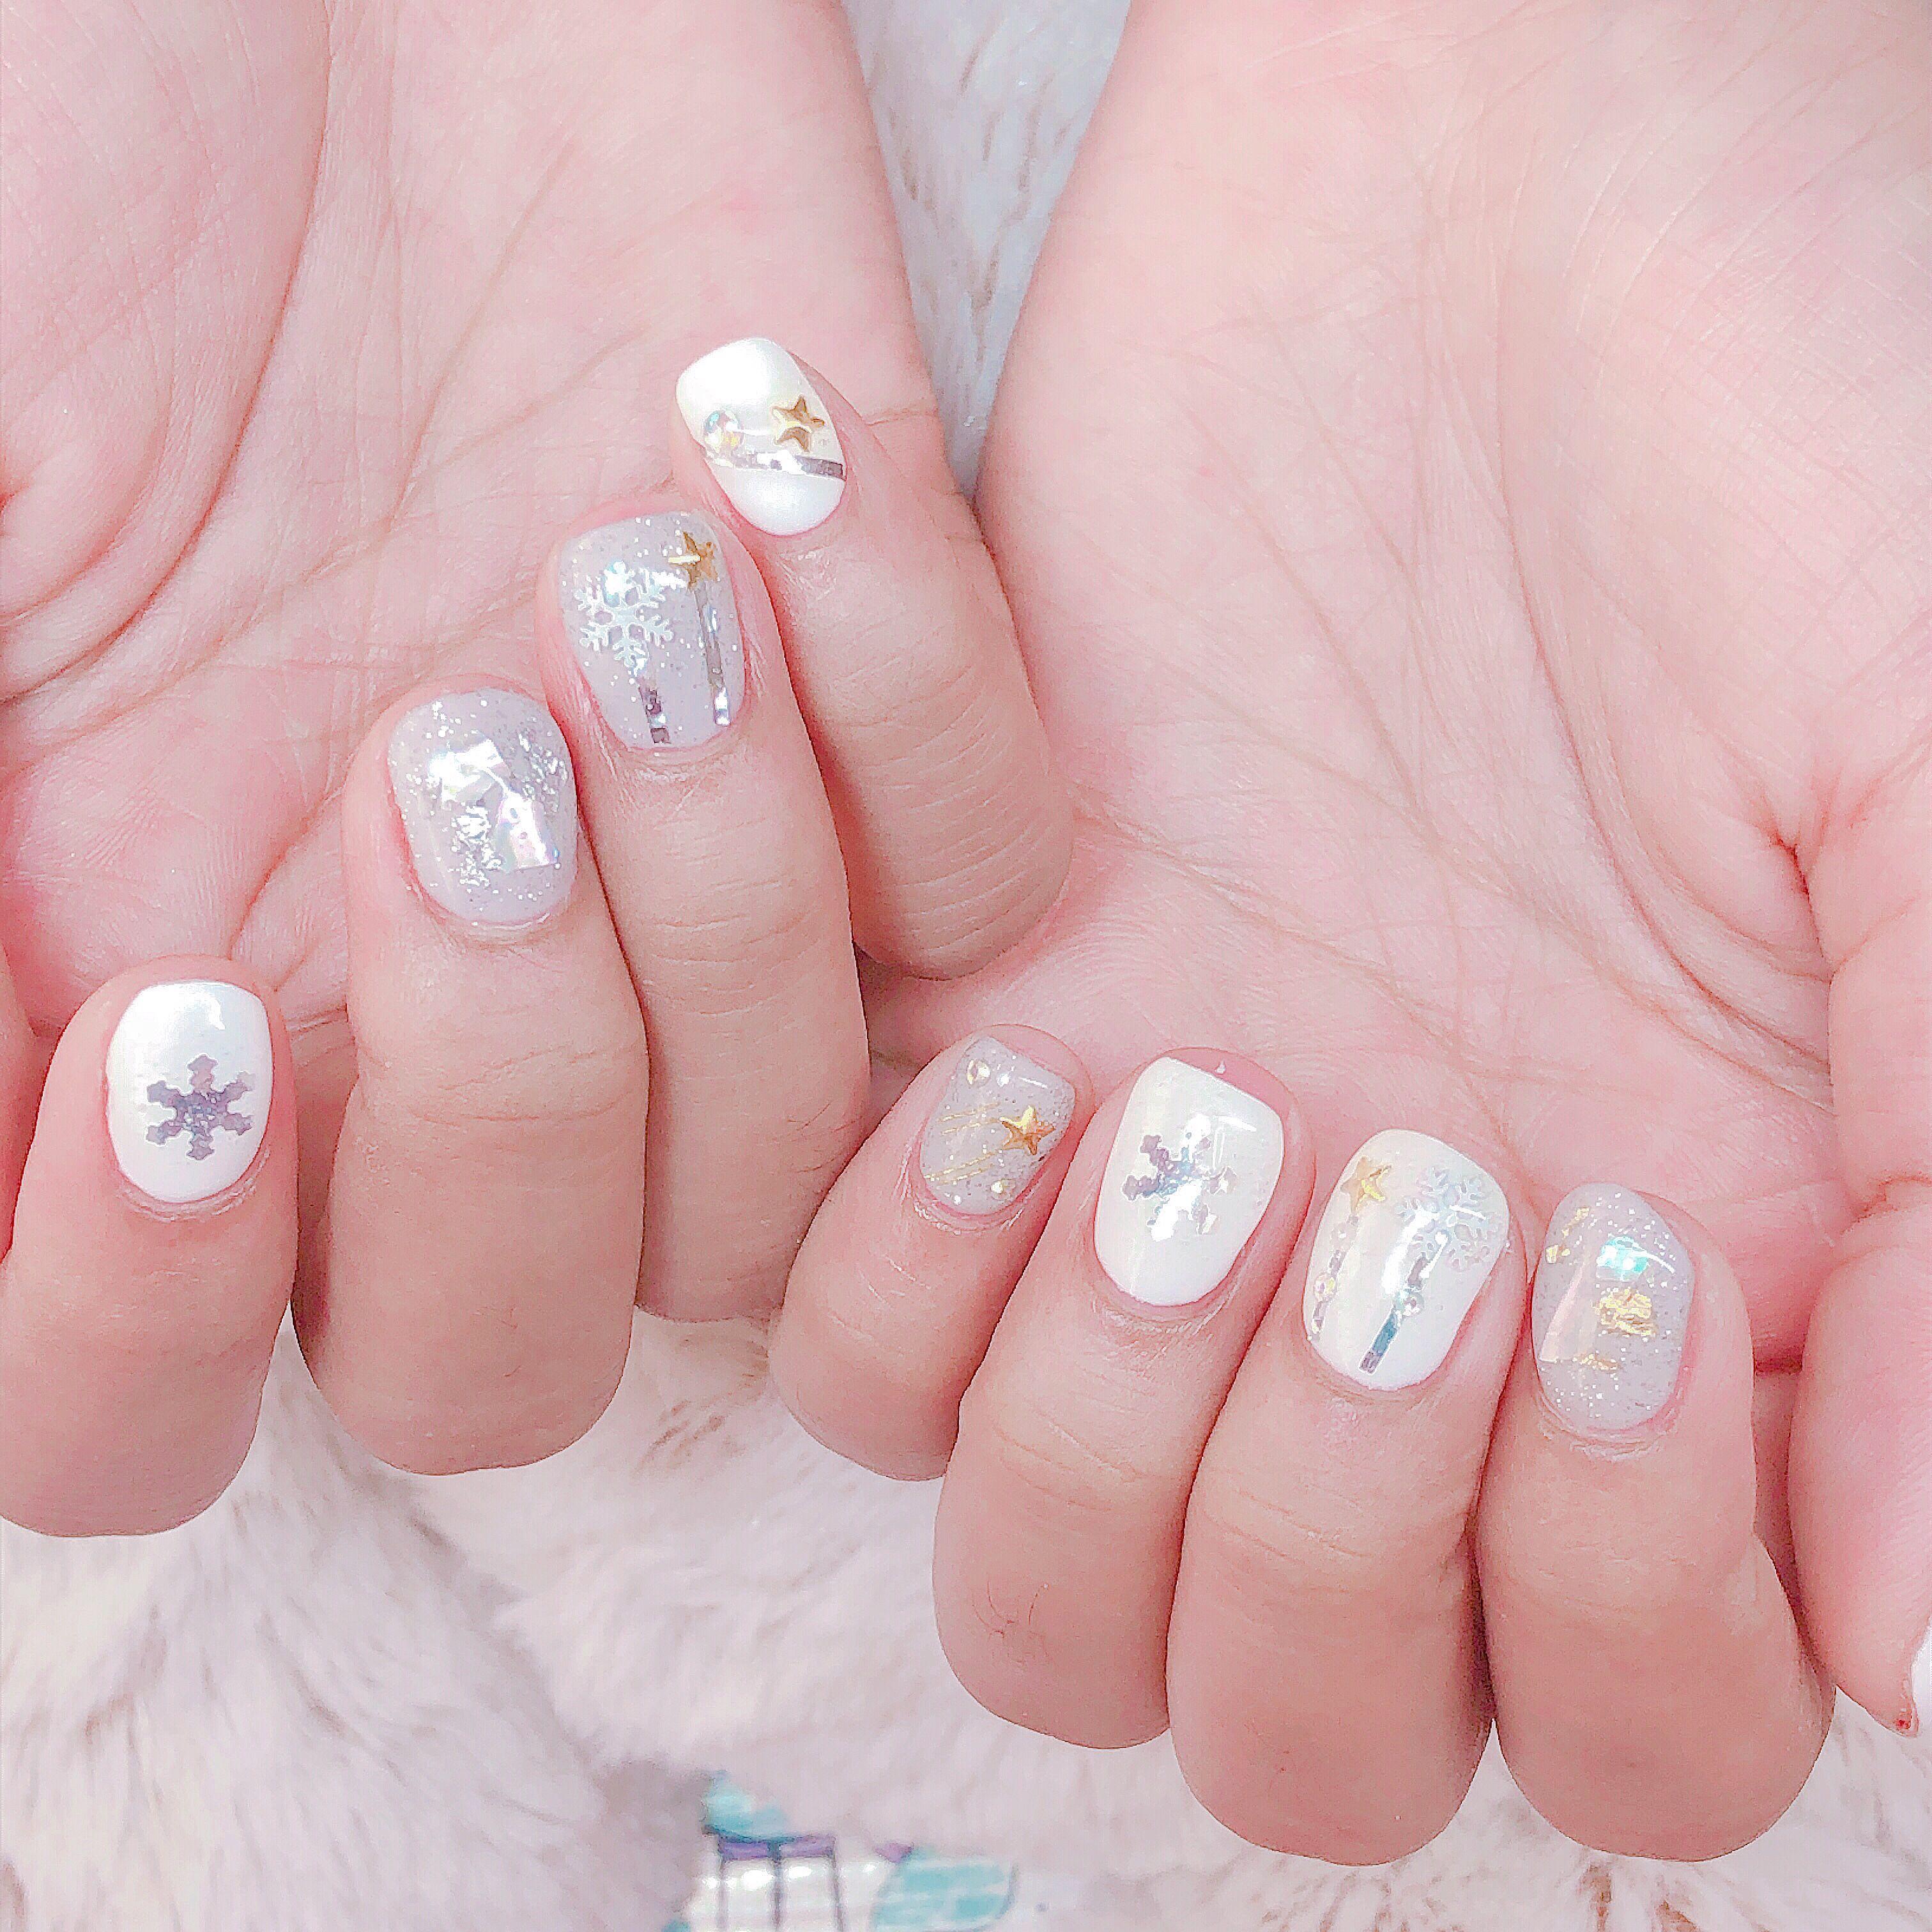 Nail art   Nail studio, Nails, Nail art